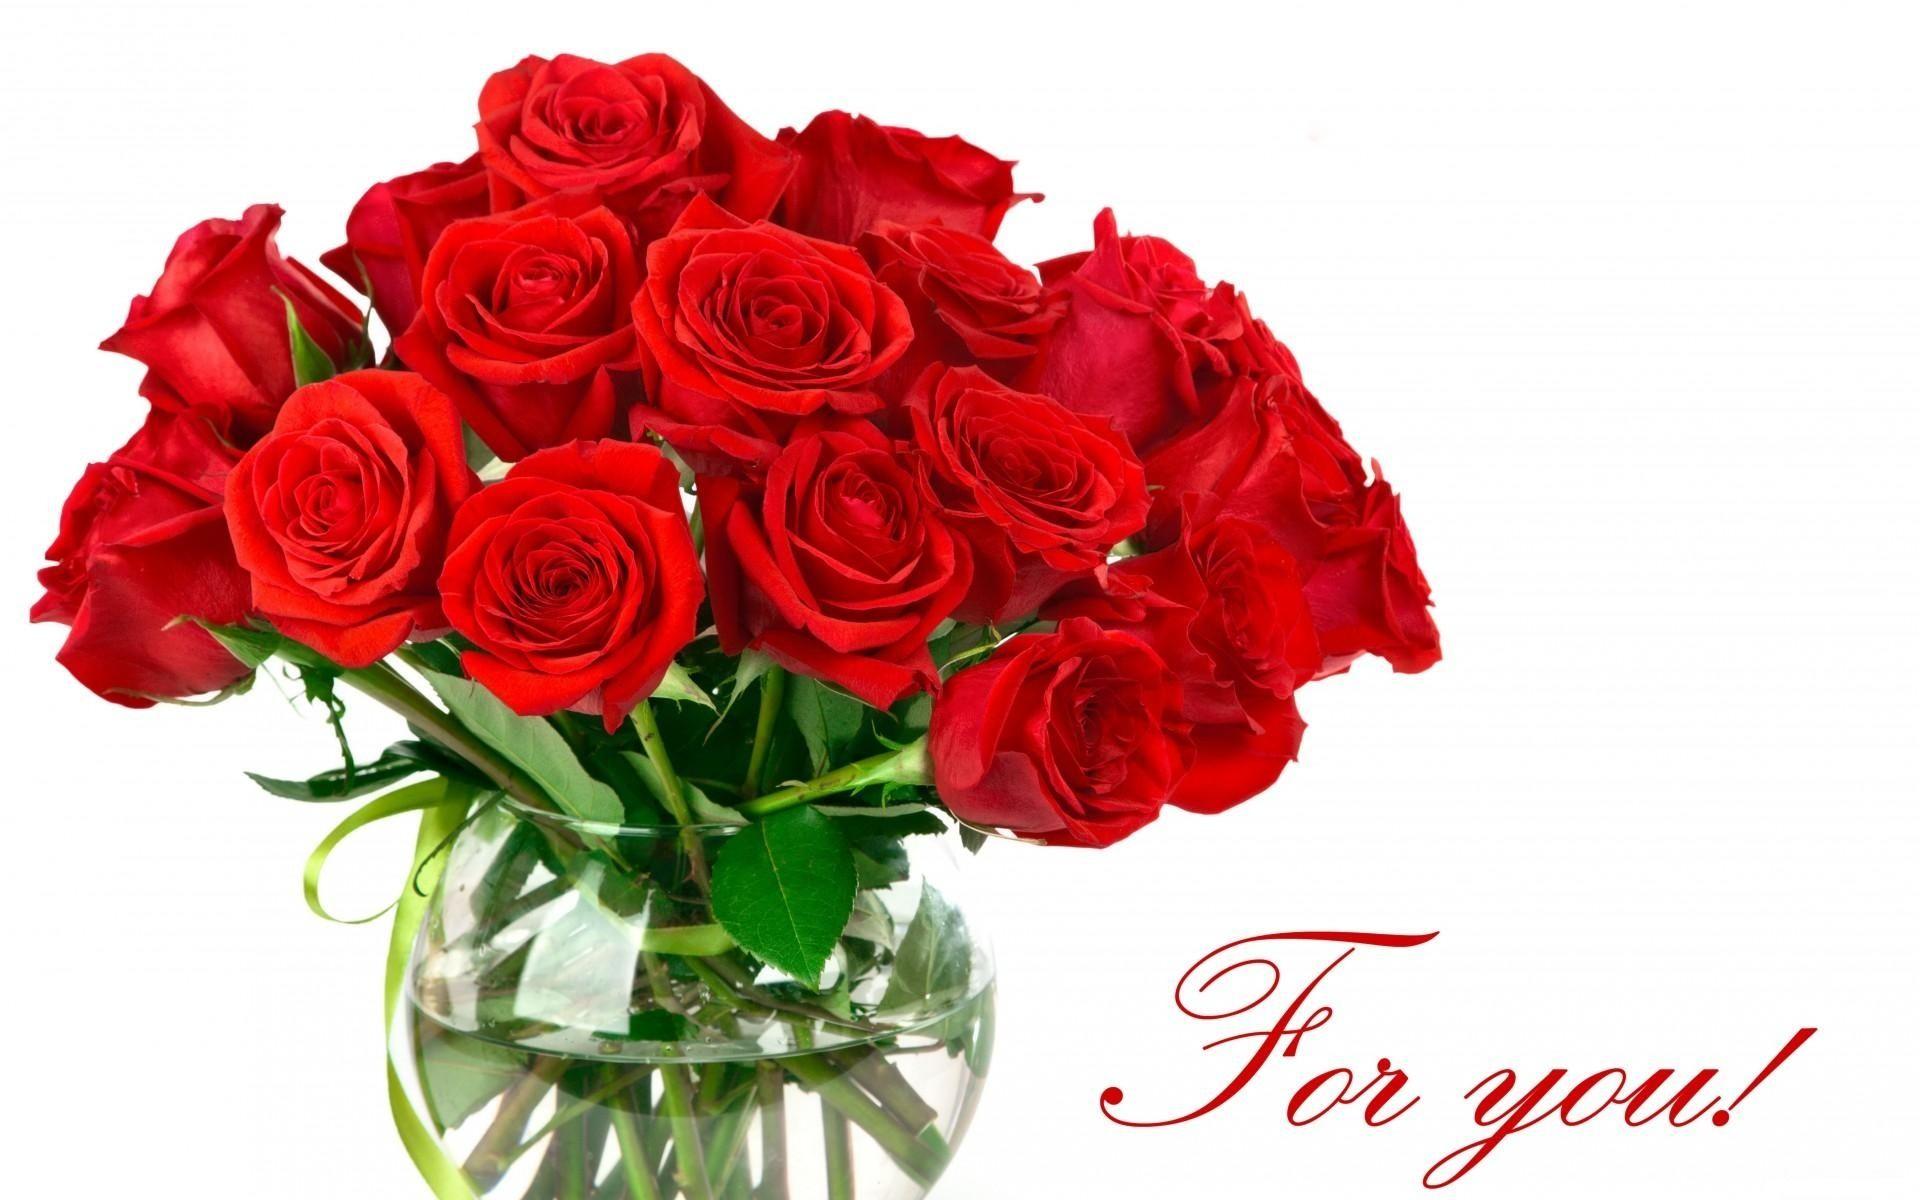 Hình ảnh bó hoa hồng đẹp nhất